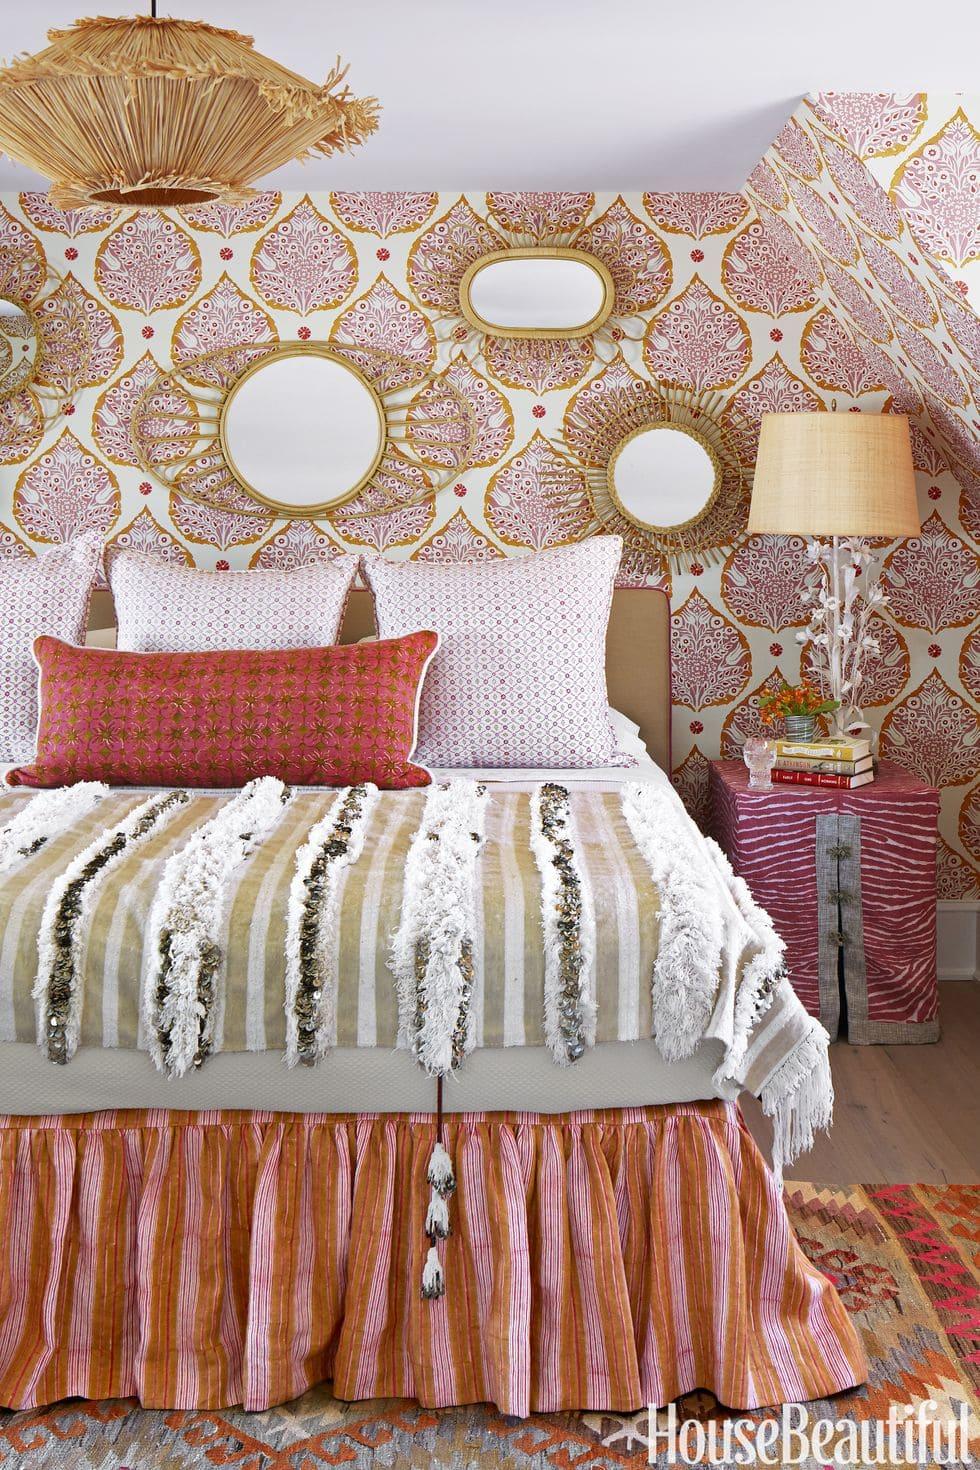 9.Simphome.com A Boho Bedroom for Her décor idea